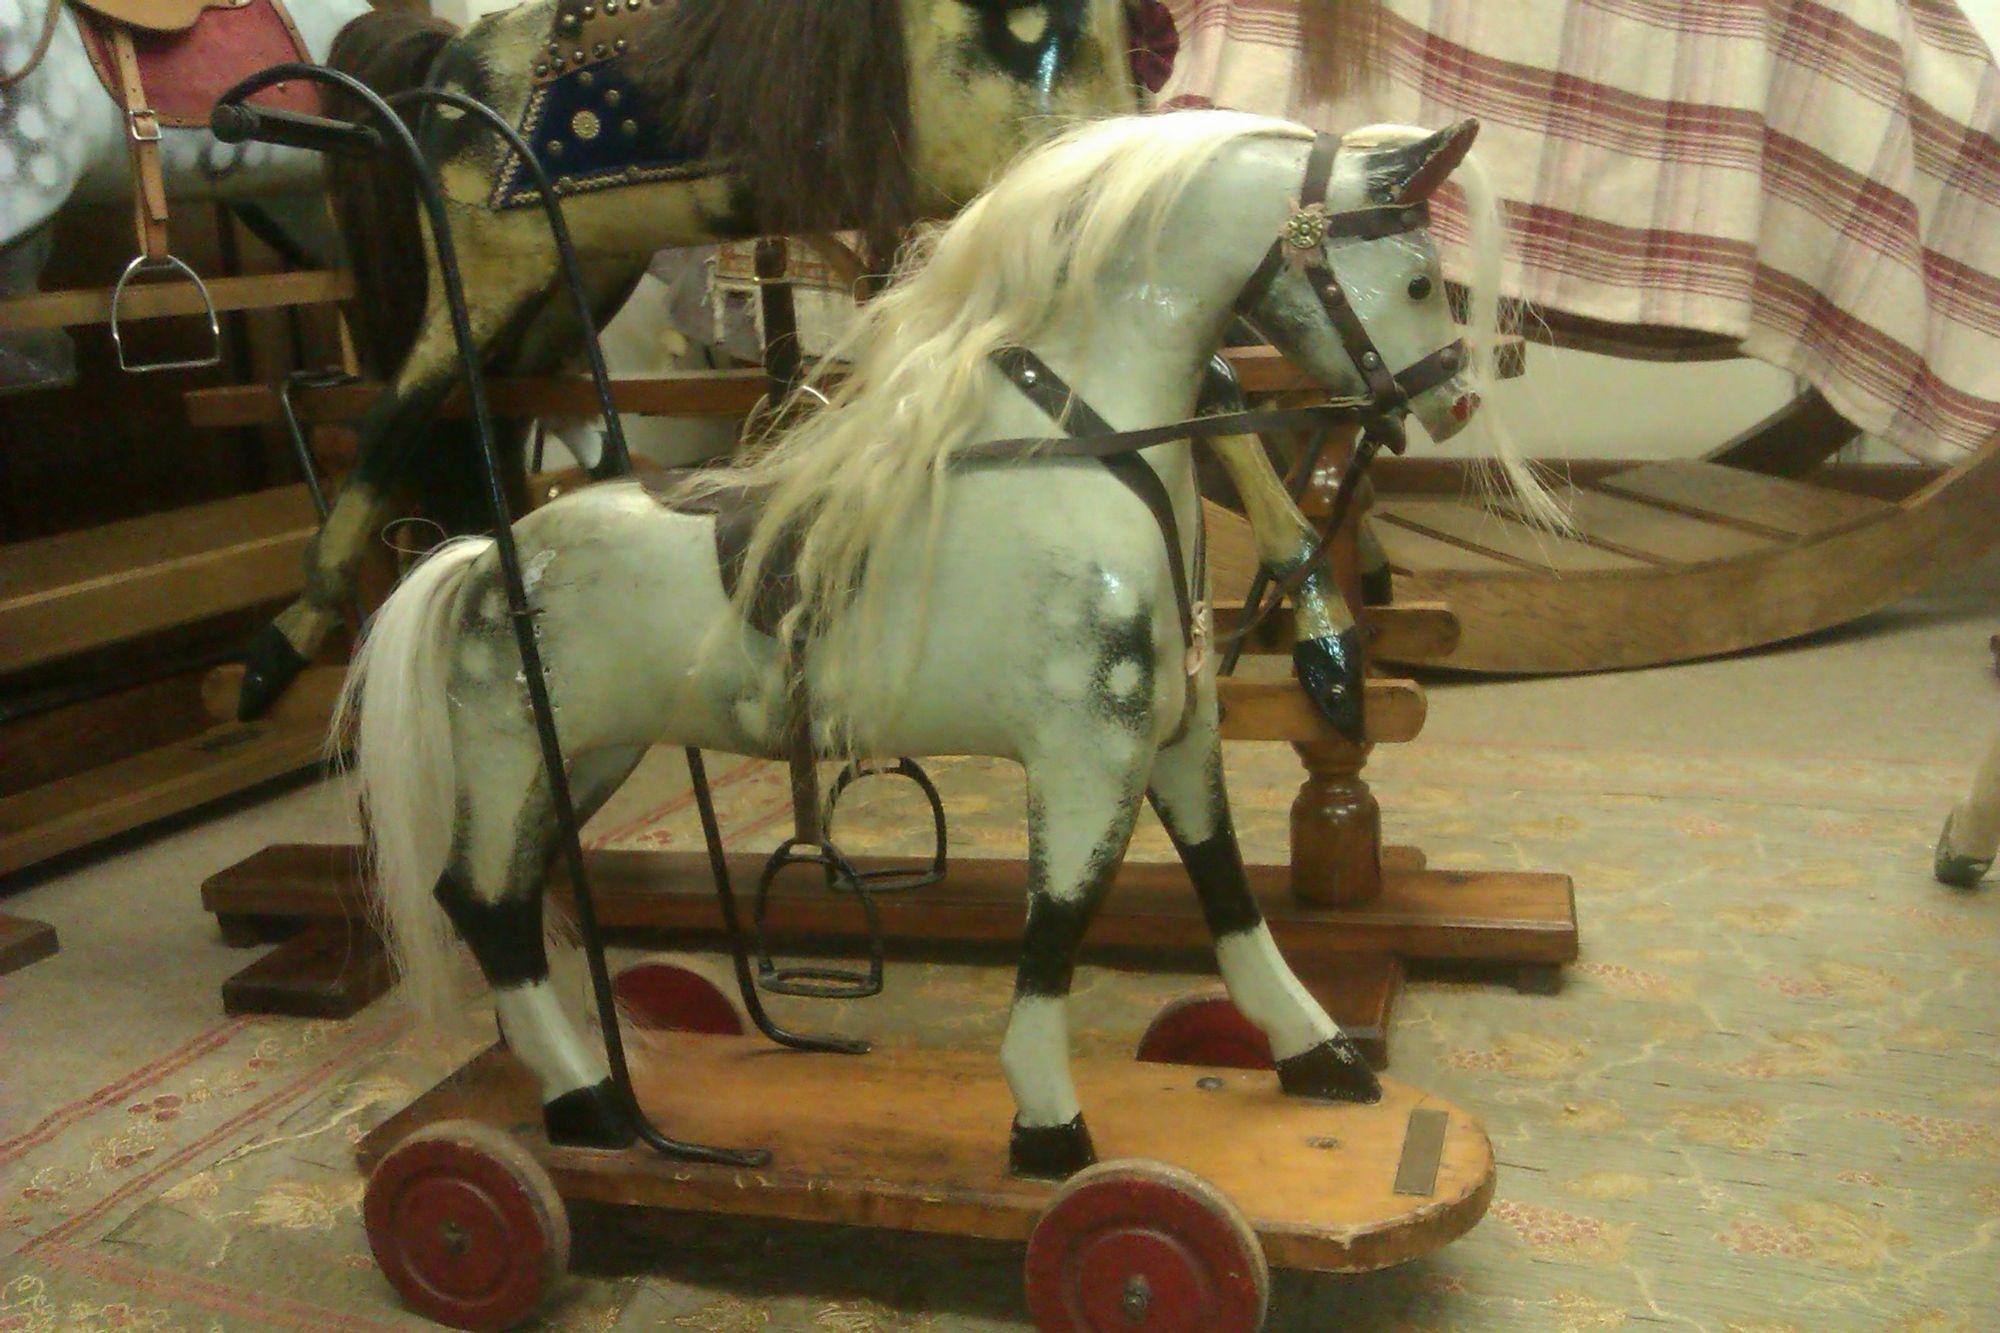 Sold - Original Antique Push horse